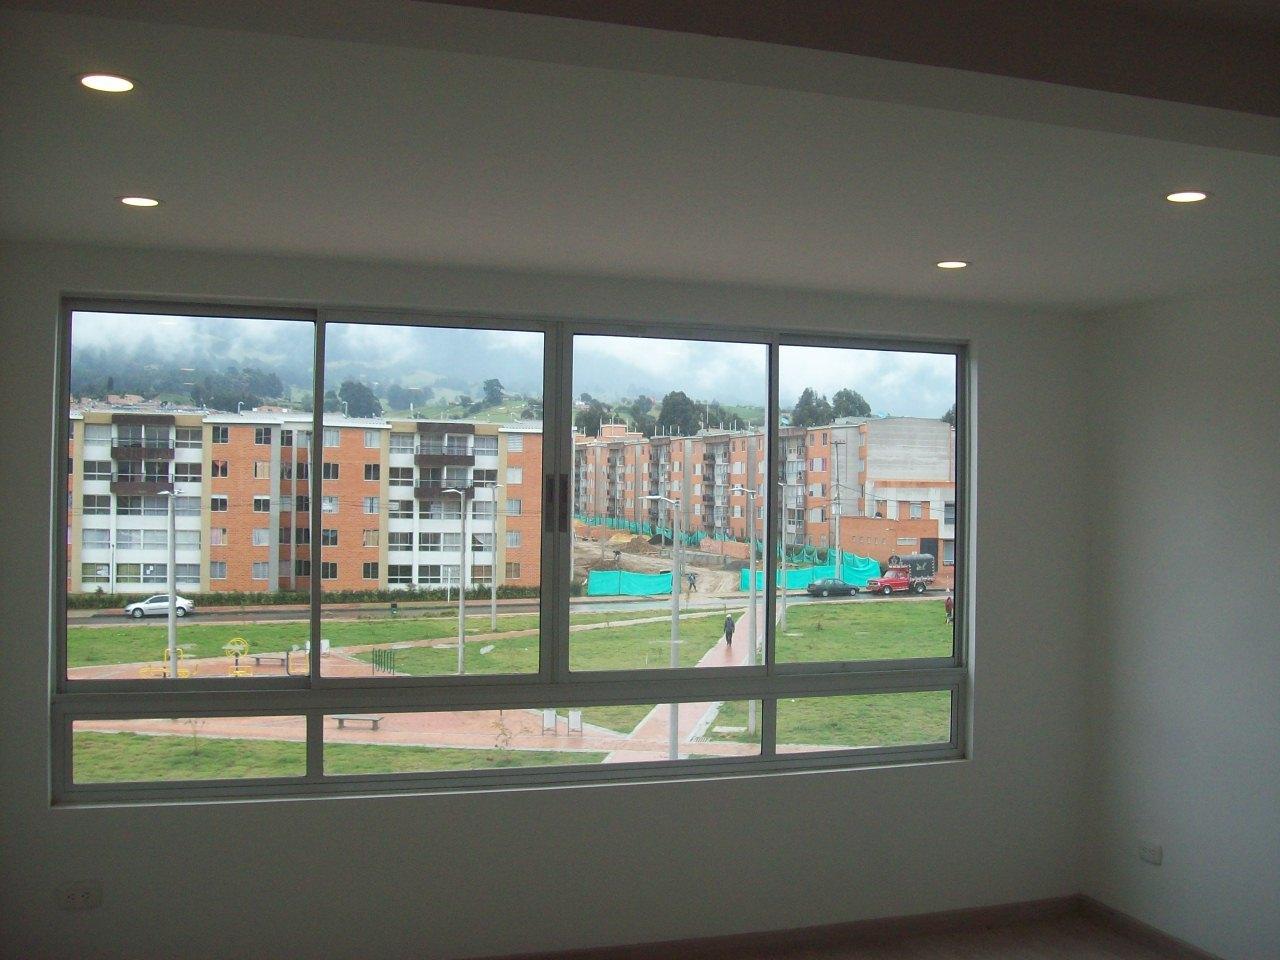 98581 - Magnifico apartamento para estrenar, con hermosa vista.